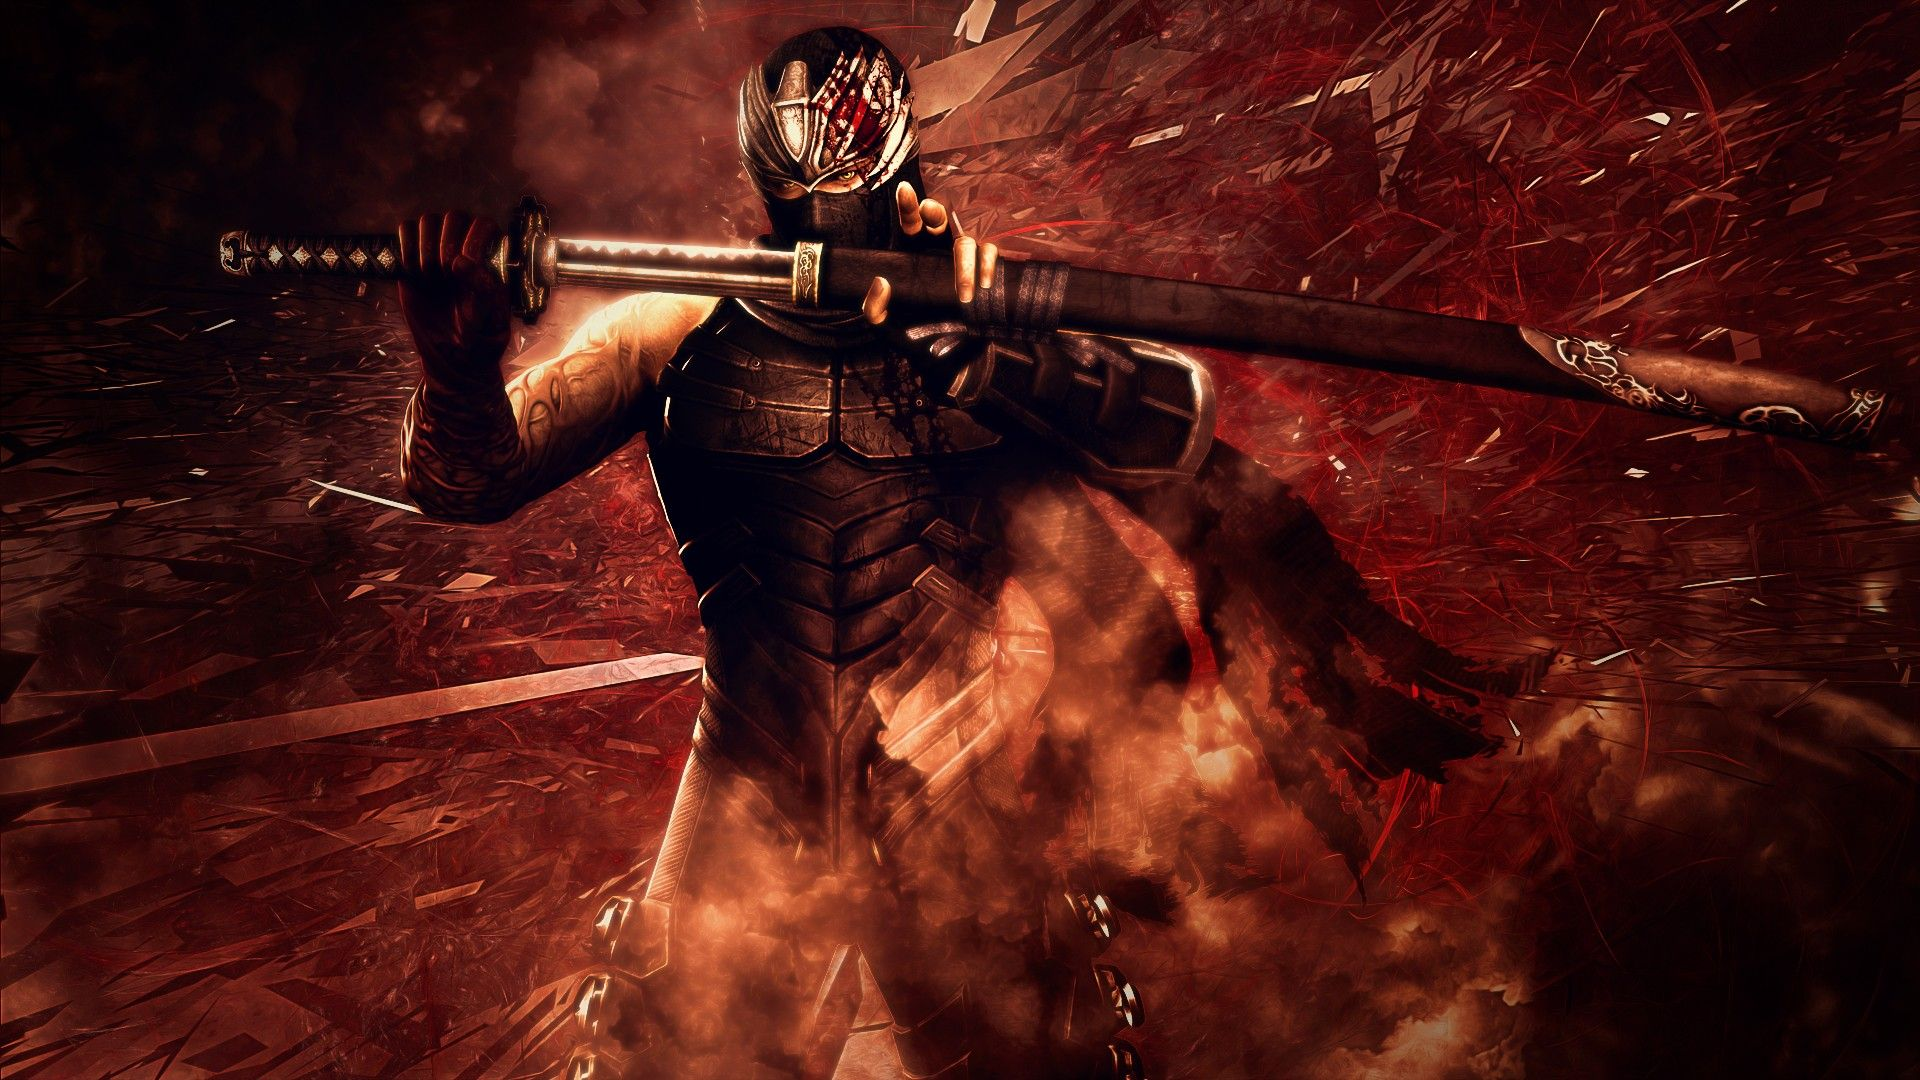 Ninja Gaiden HD Wallpapers Backgrounds Wallpaper